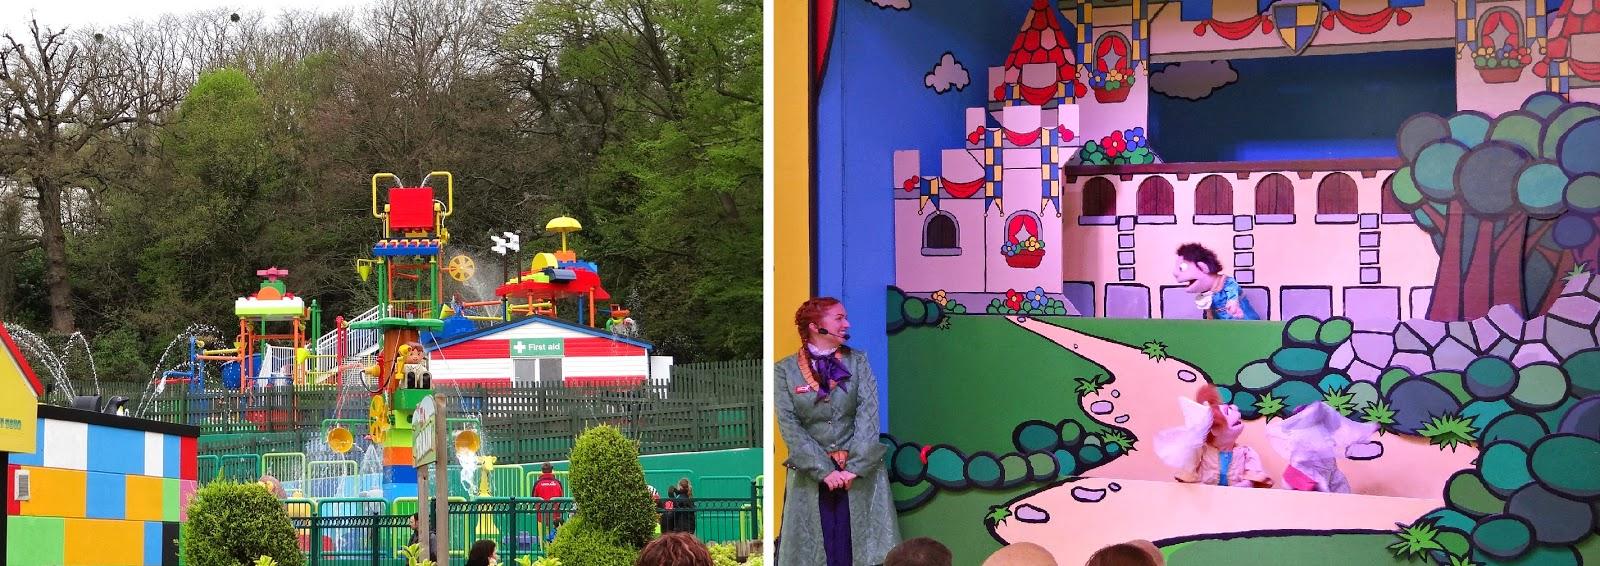 Legoland Windsor 2014, Legoland Windsor Easter, Legoland Windsor Duplo Valley